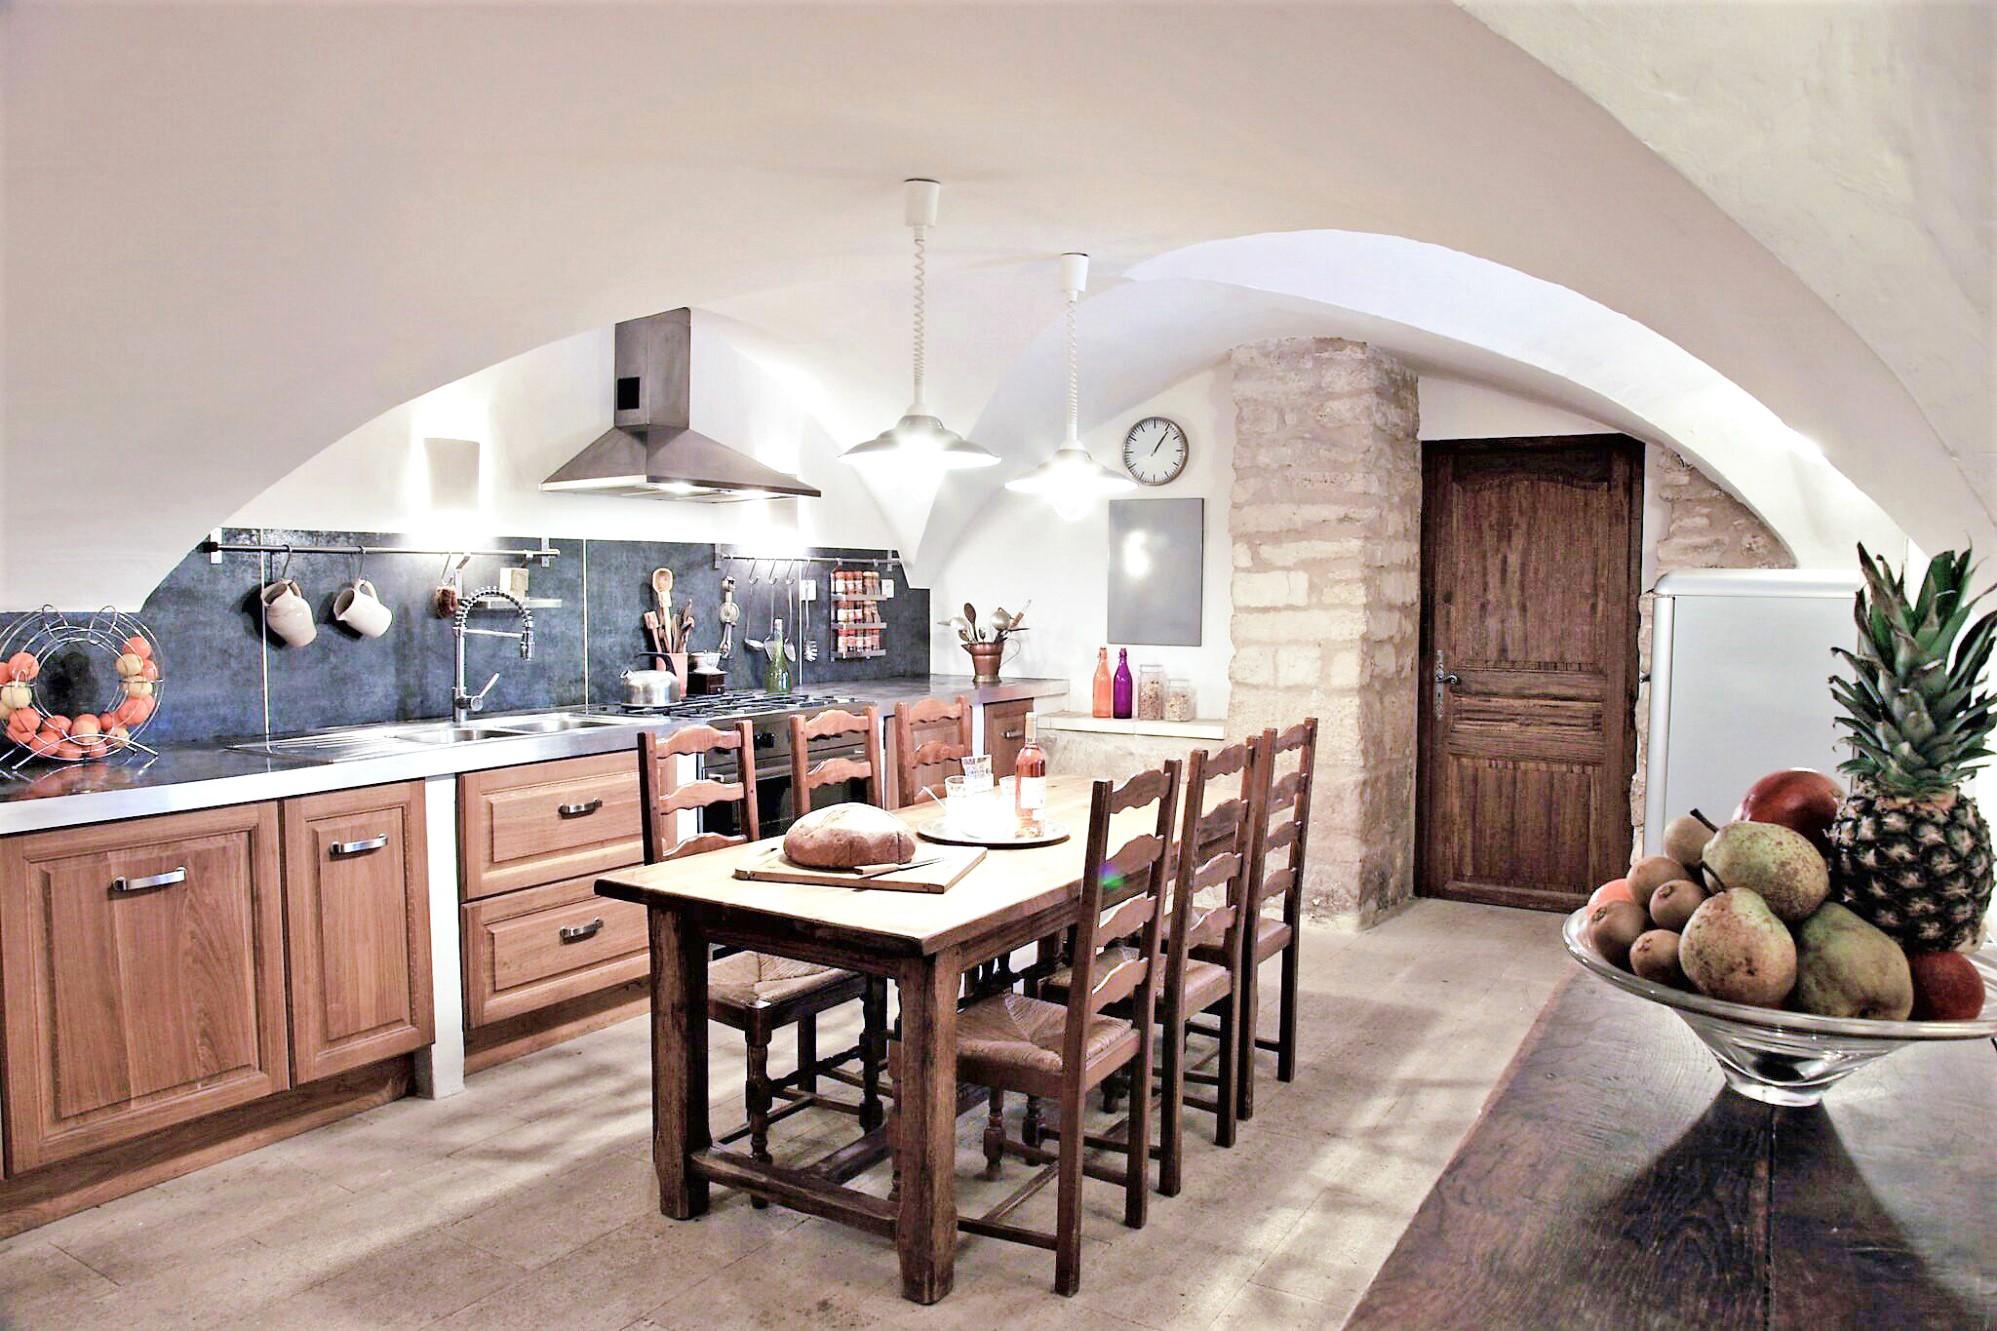 A vendre dans le Luberon, mas du XVII° siècle rénové sur plus de 7 hectares